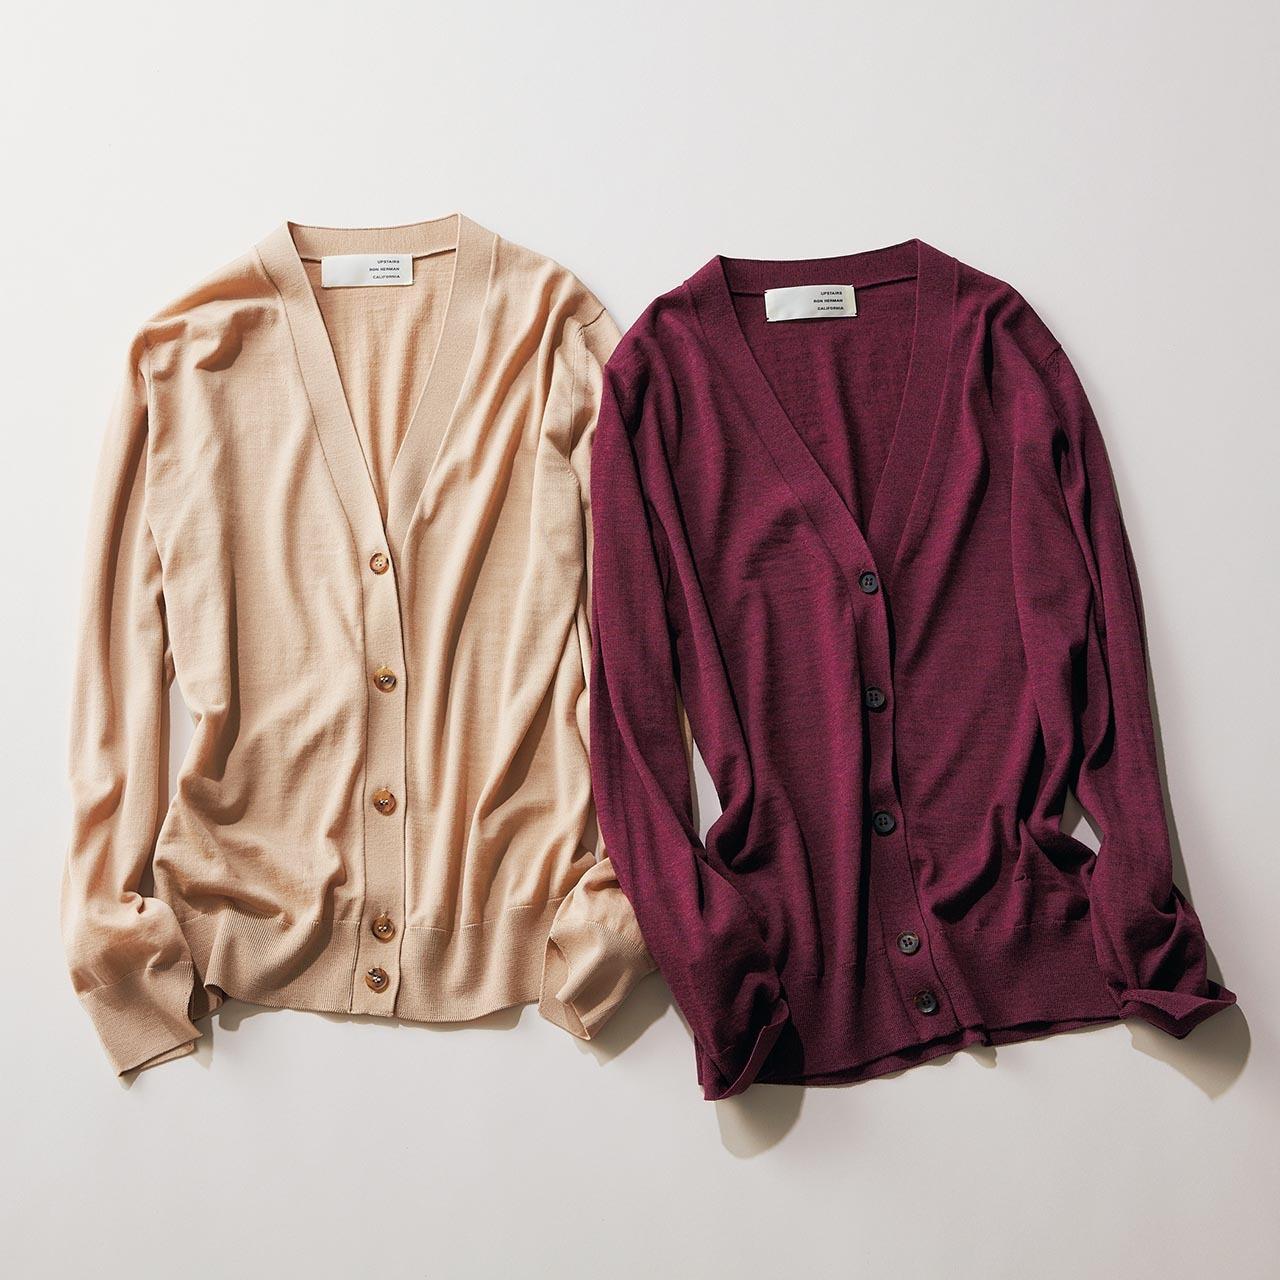 ファッション タートルニッイタリア・ロロピアーナ社のウールを使用した、非常に細いゲージで編まれたニットカーディガン